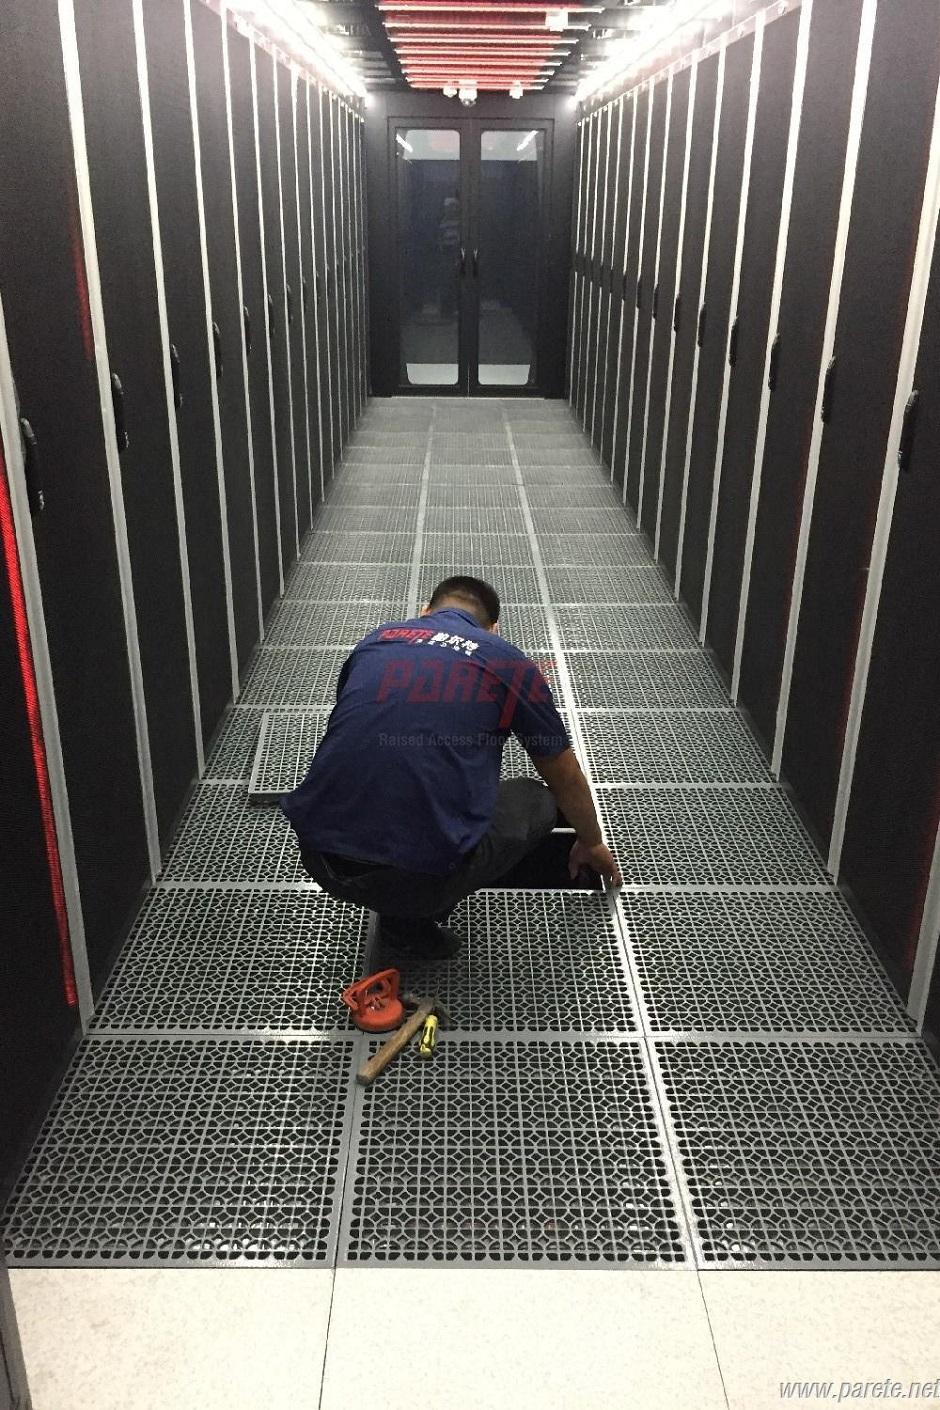 Parete Raised Access Floor System National Data Center Calcium - Data center raised floor weight limits